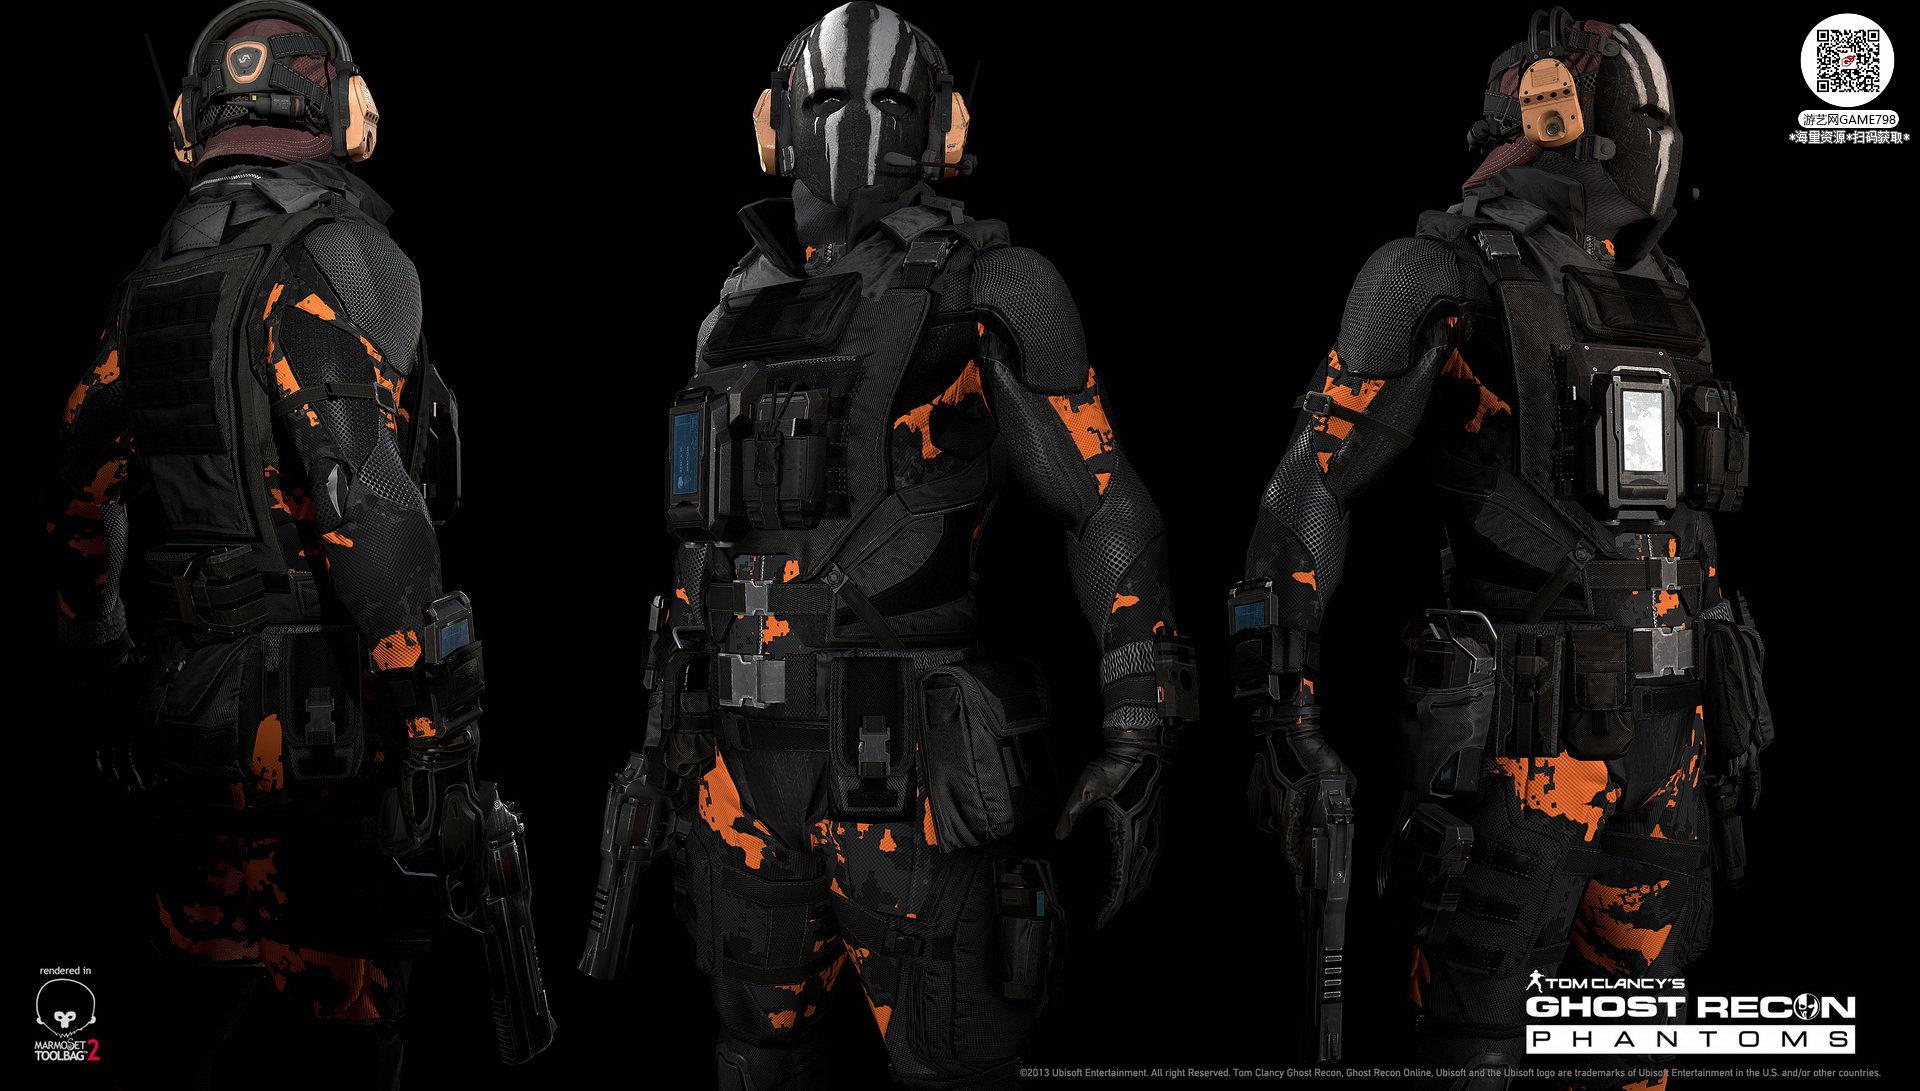 005_关注游艺网公众号获海量资源_幽灵行动未来战士次世代游戏3D模型参考原画概念设定.jpg